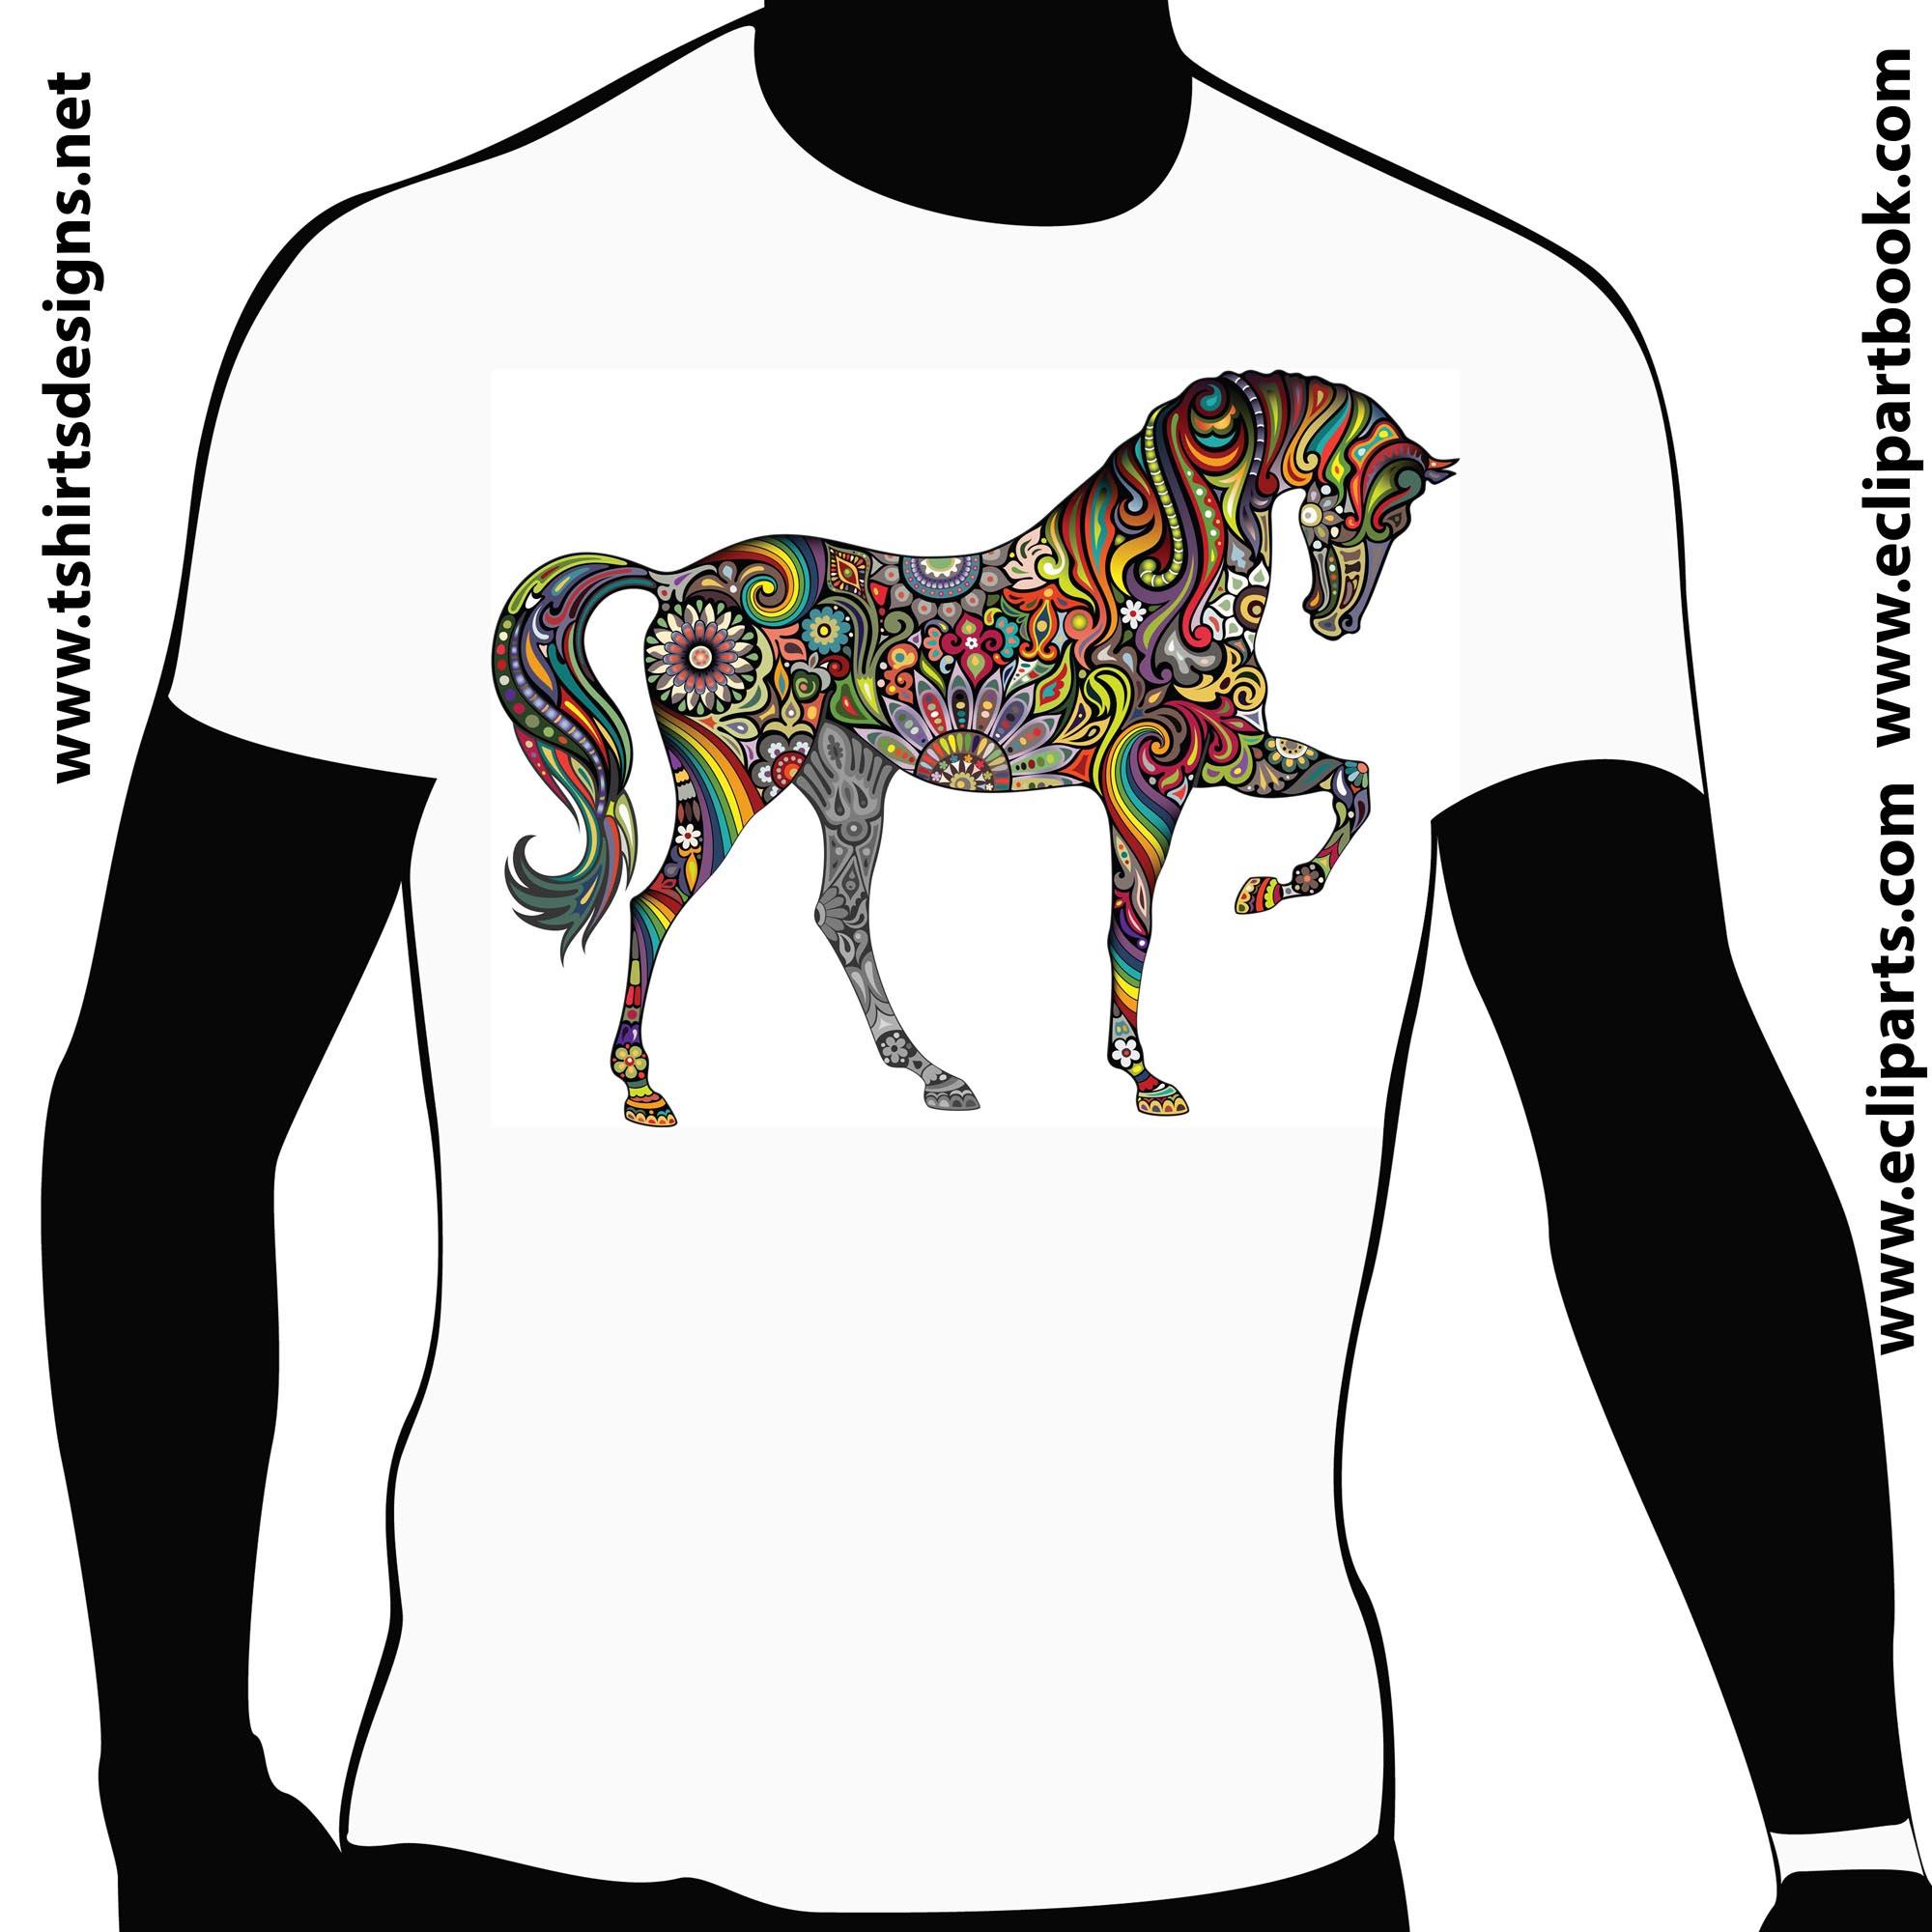 Digital T Shirts Prints Tshirt Fashion Designing Pattrens Free Shirt Print Designs Male Female Tshirts